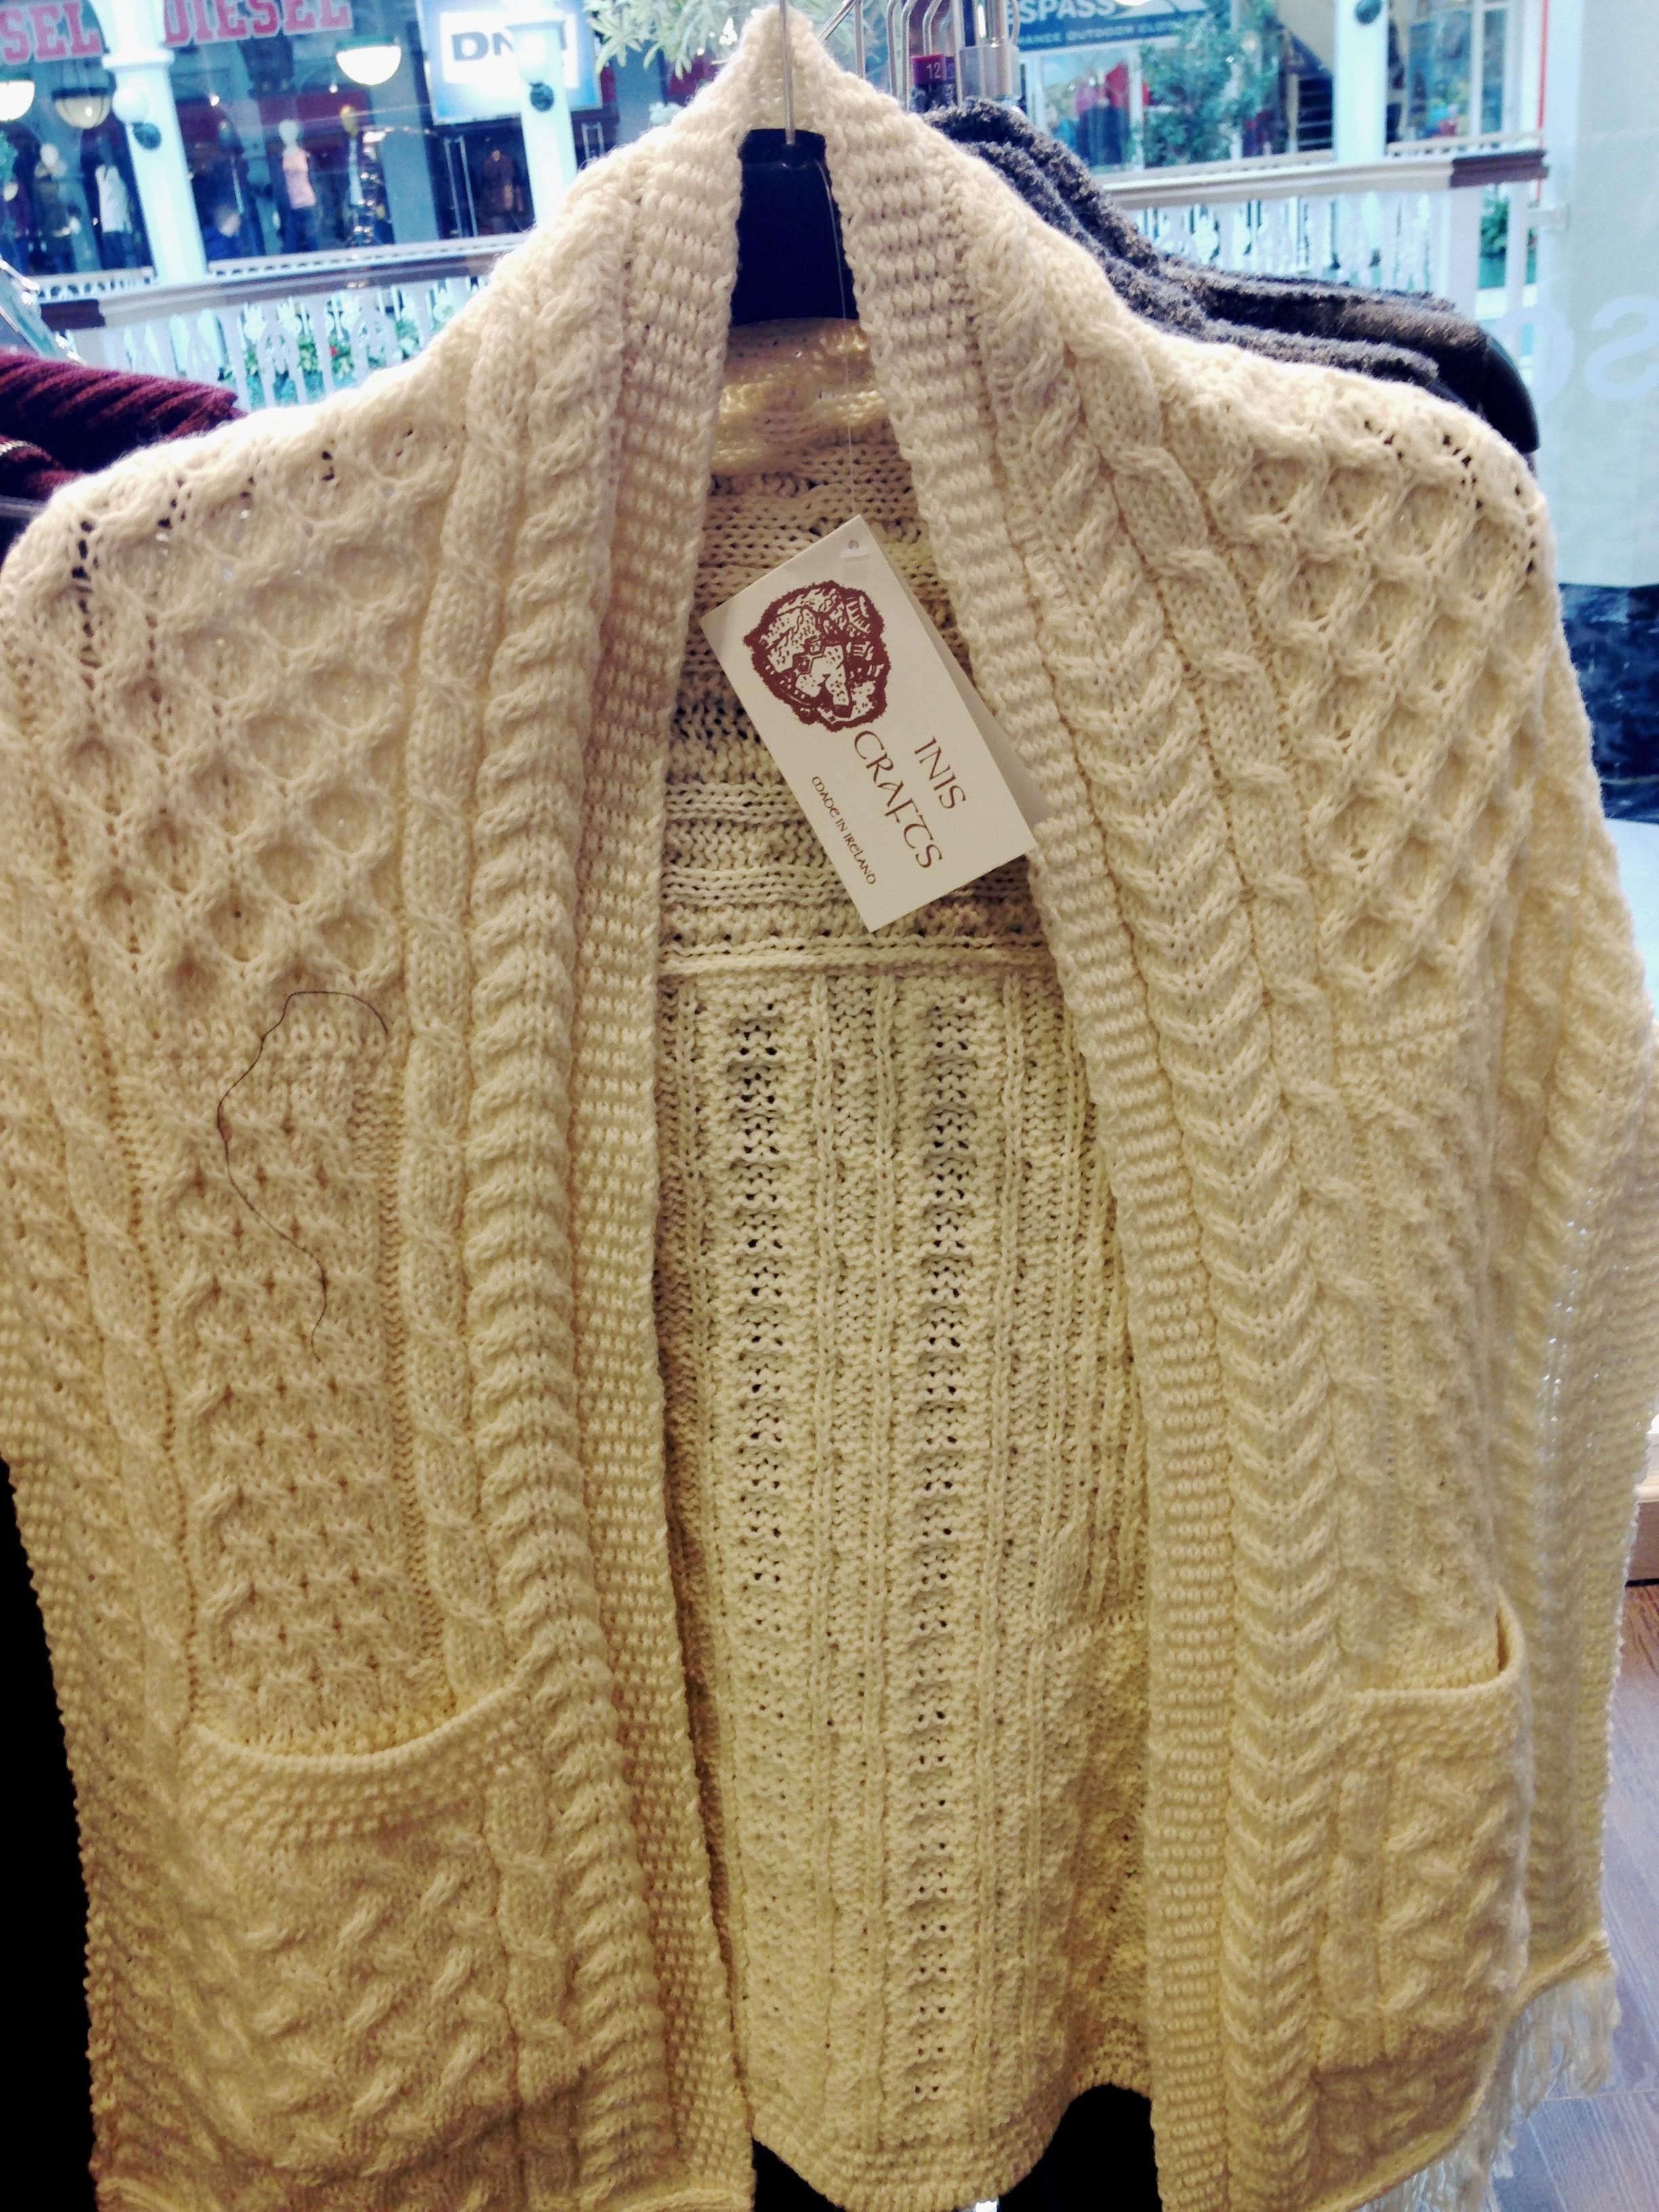 Tk Maxx! Aran type knit from Inis Crafts. 100% wool. €39.99